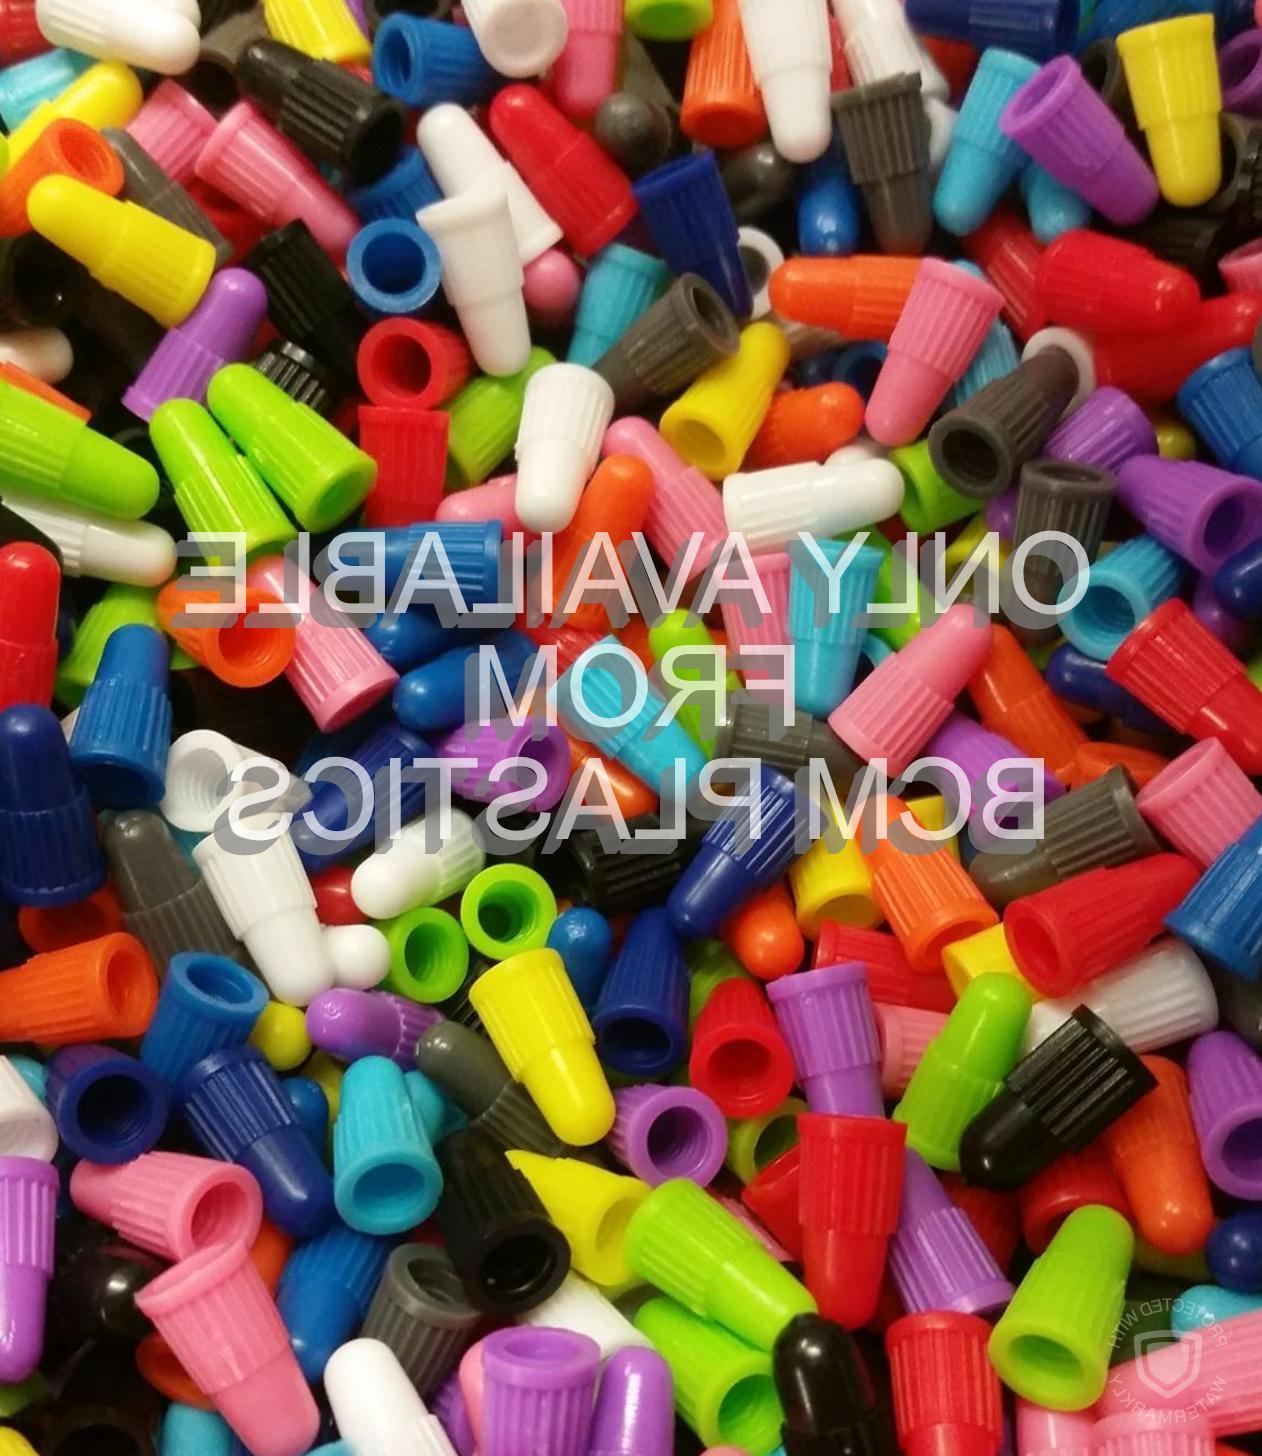 the original plastic colored presta valve caps